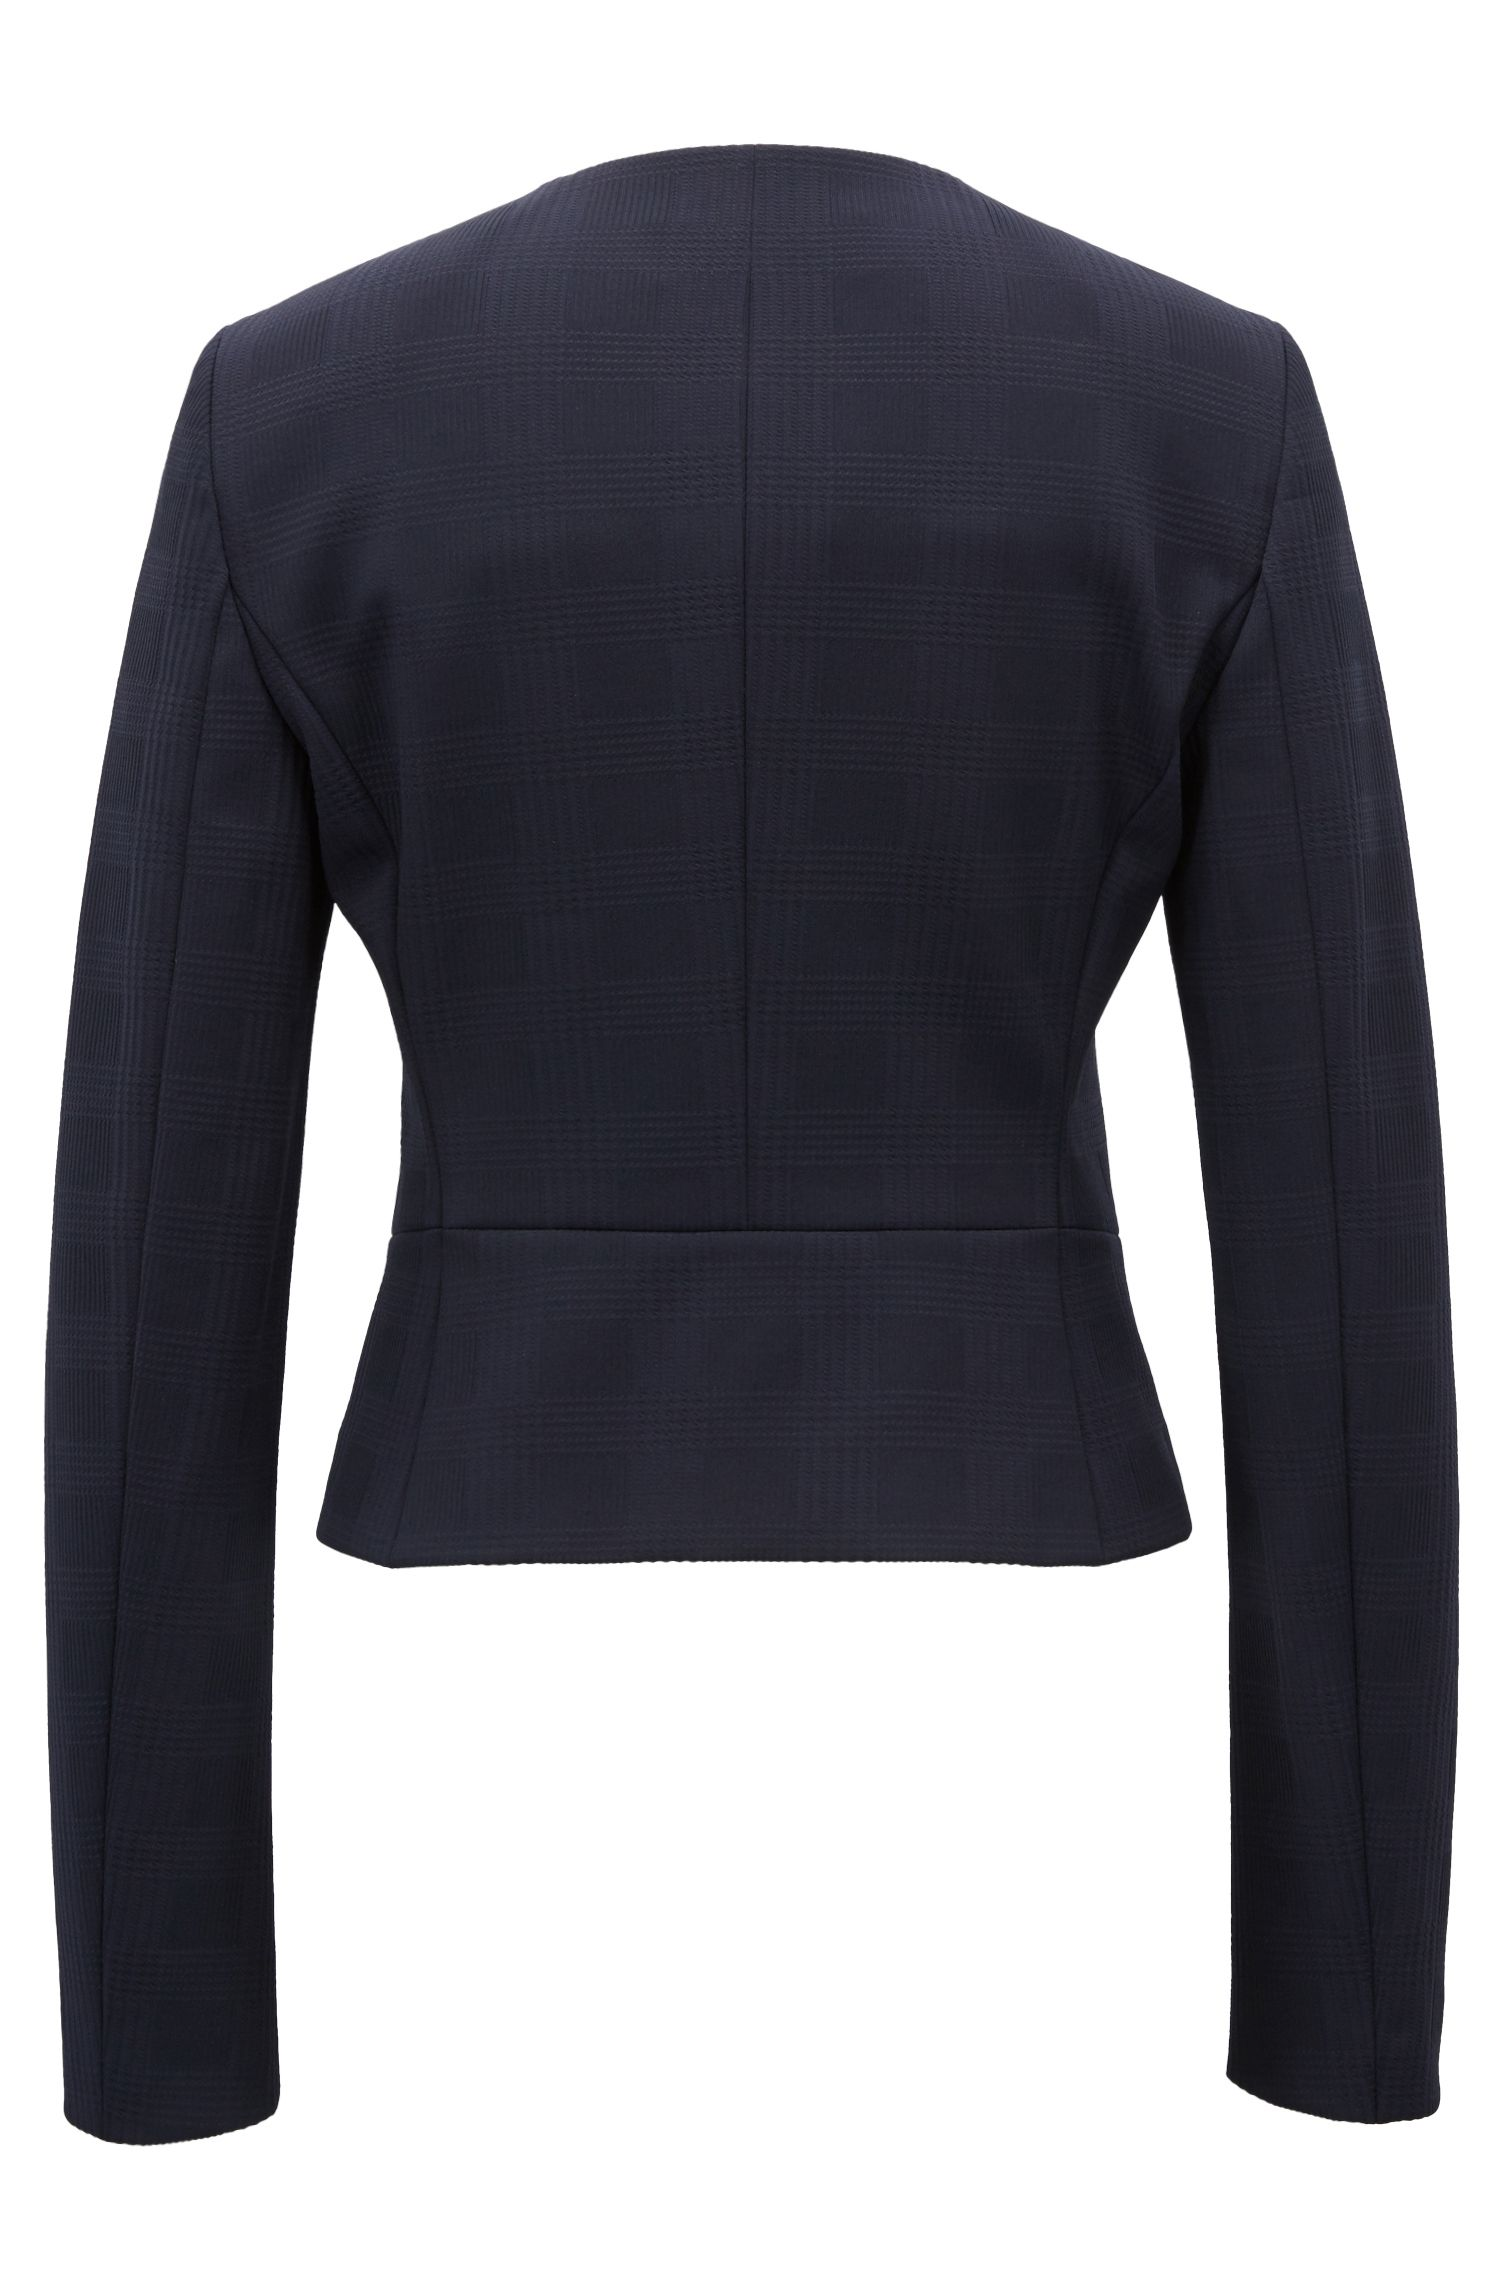 Veste sans col Regular Fit en jersey stretch à motif prince-de-galles, Bleu foncé